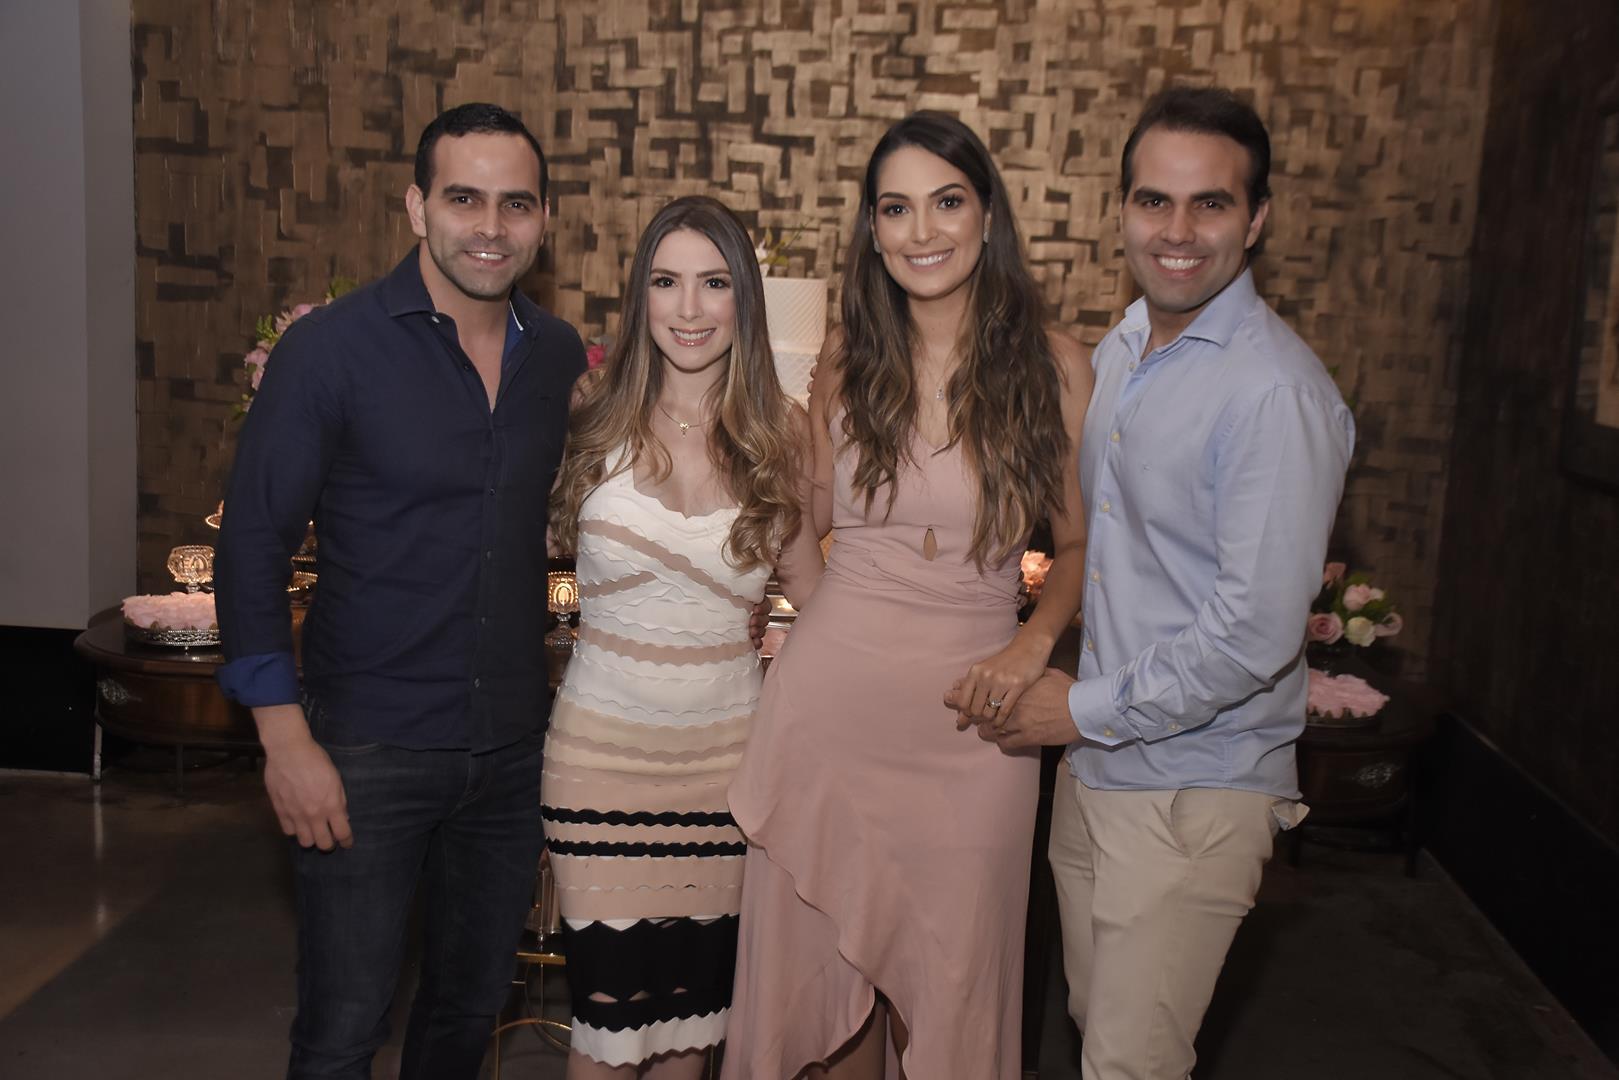 Erick Guanabara, Mirella Moreira, Catarina Moreno e Andre Guanabara